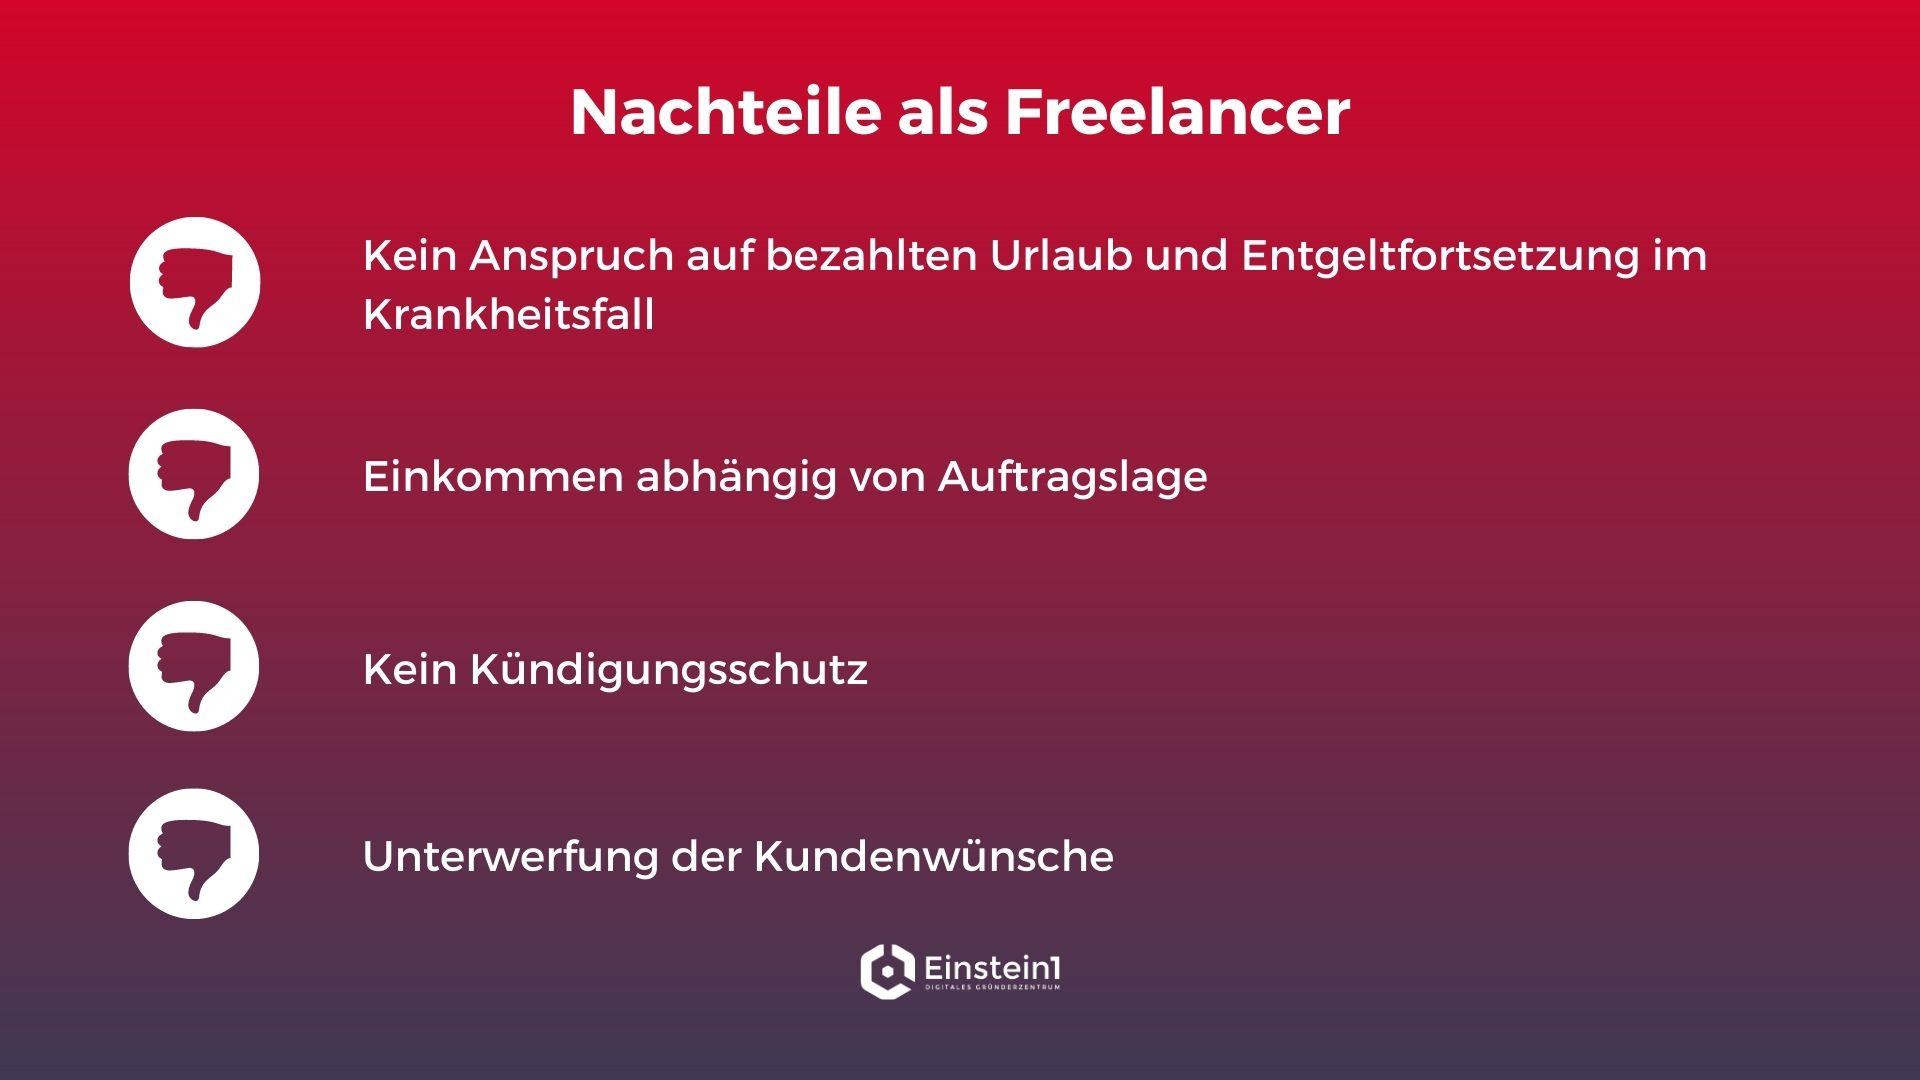 Nachteile-als-freelancer